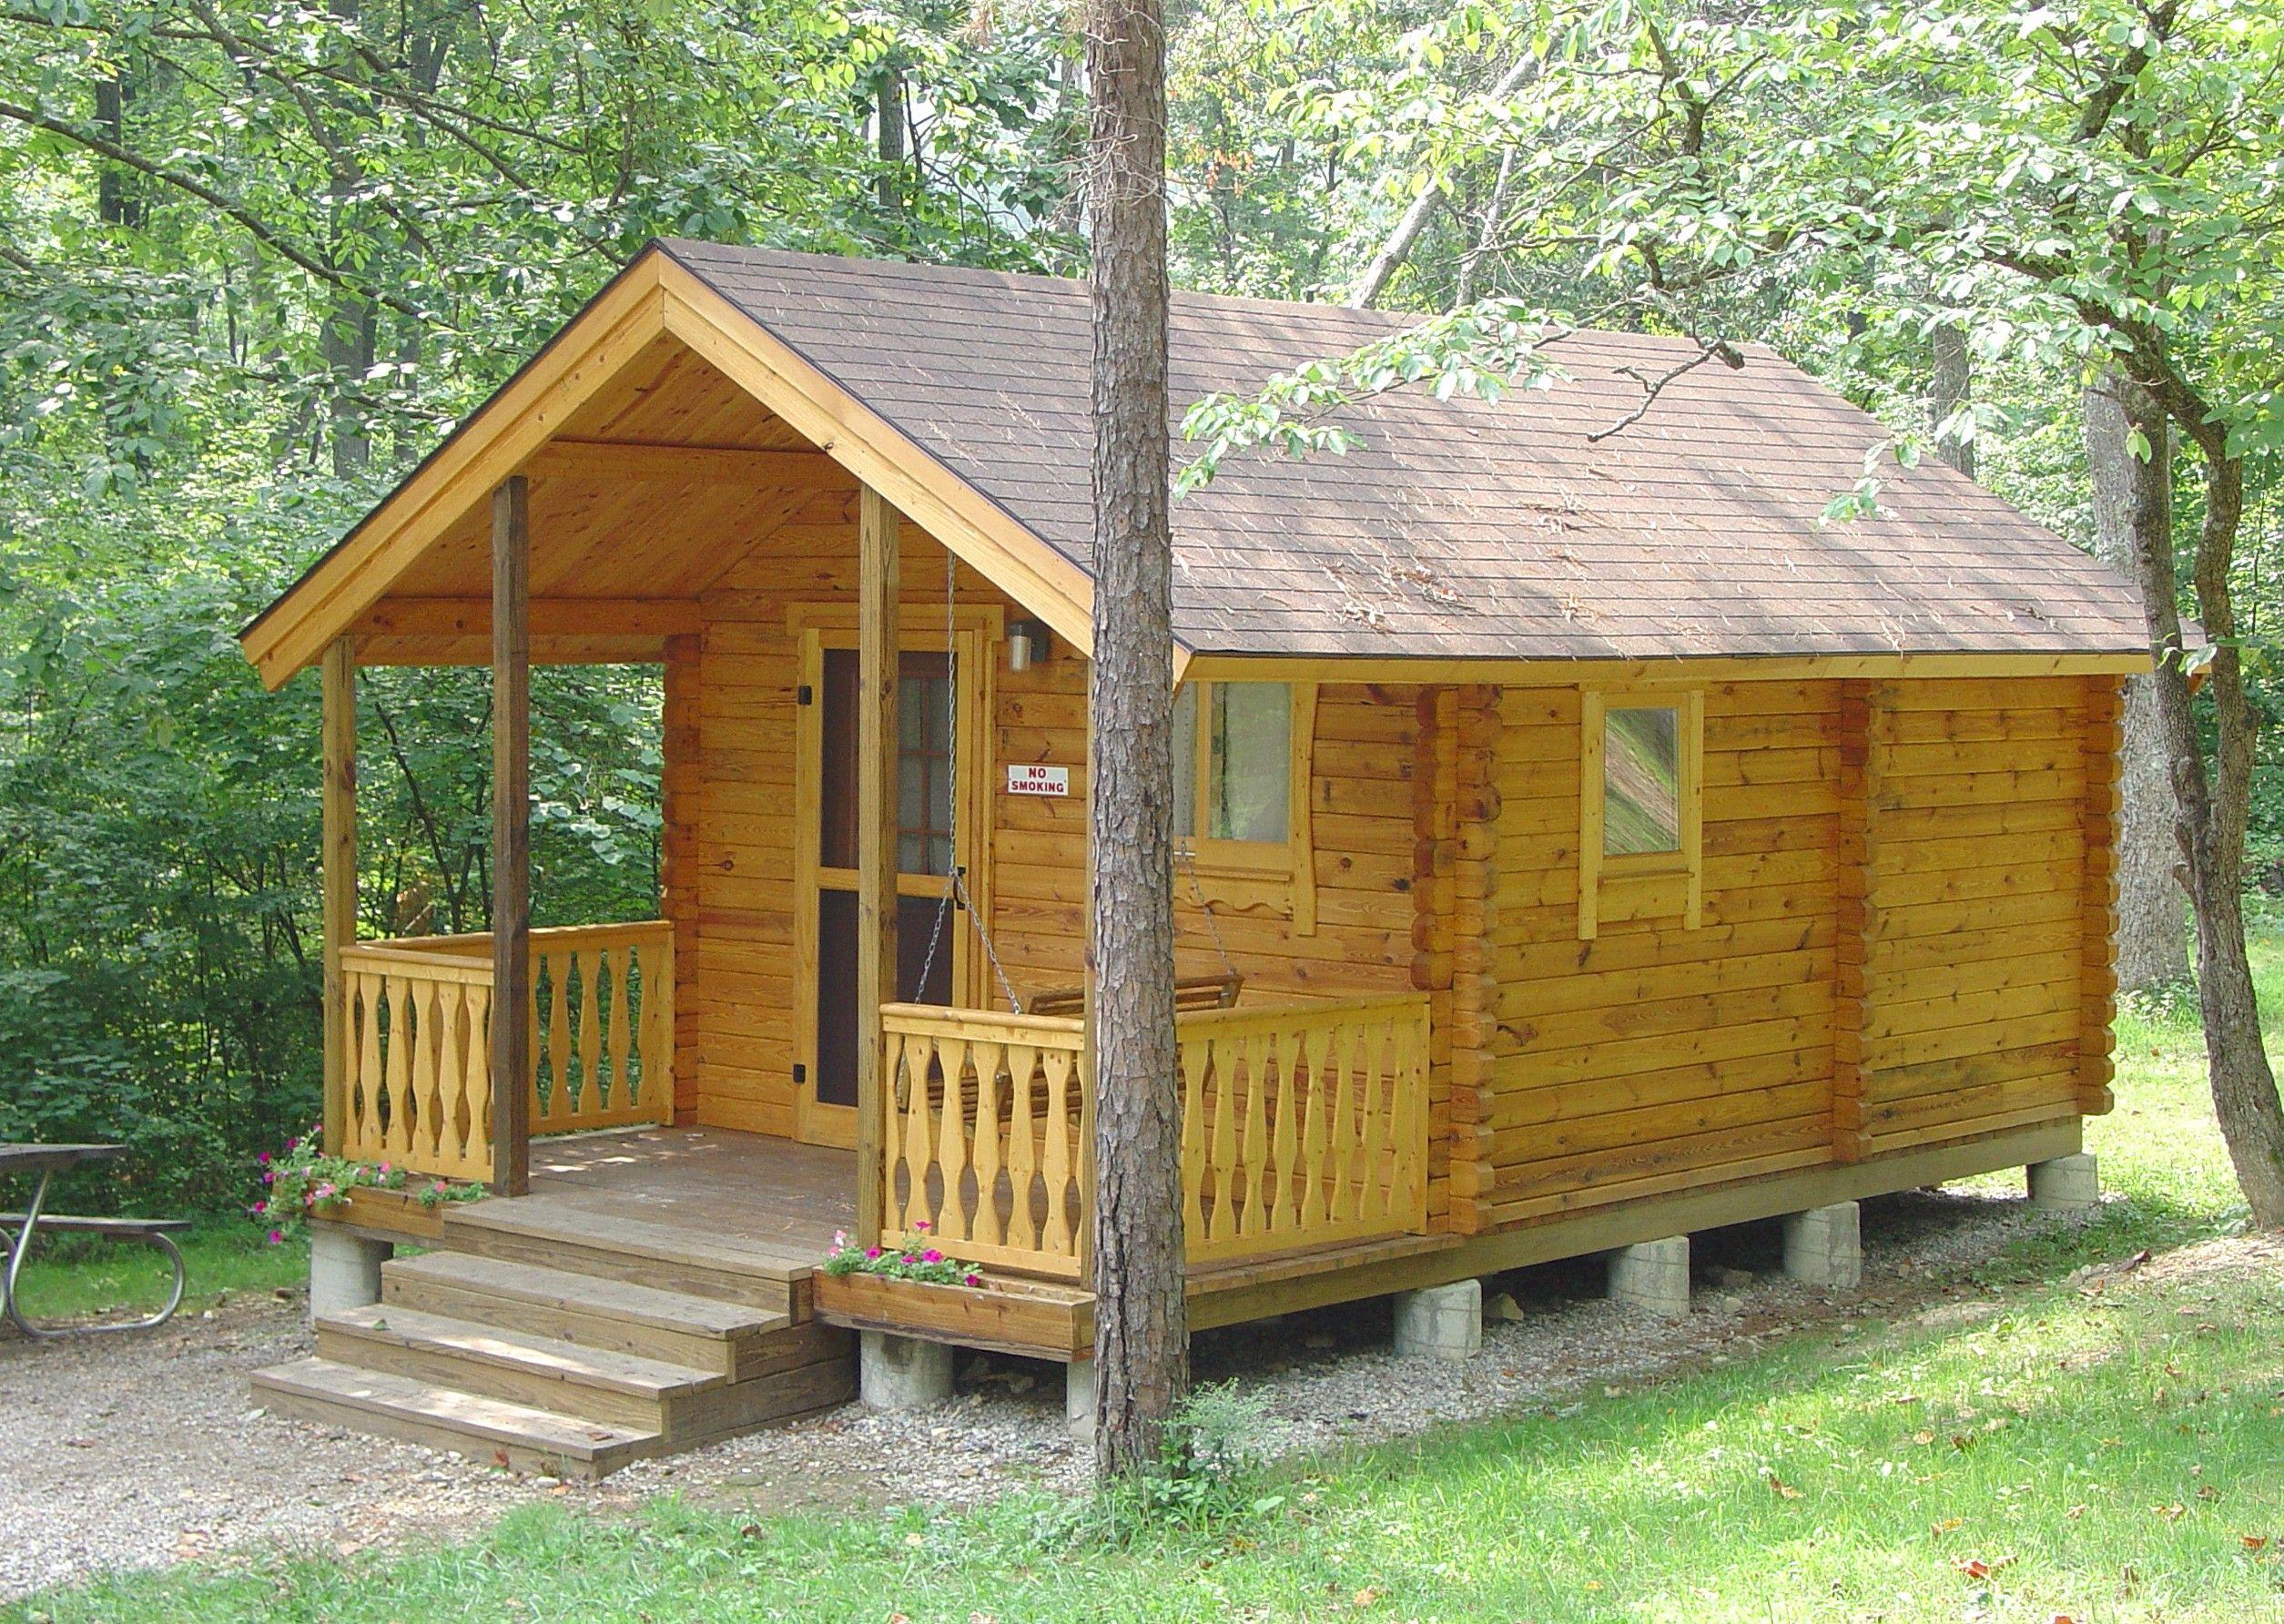 area pin lake seneca in ohio senecaville cabins lodging pinterest